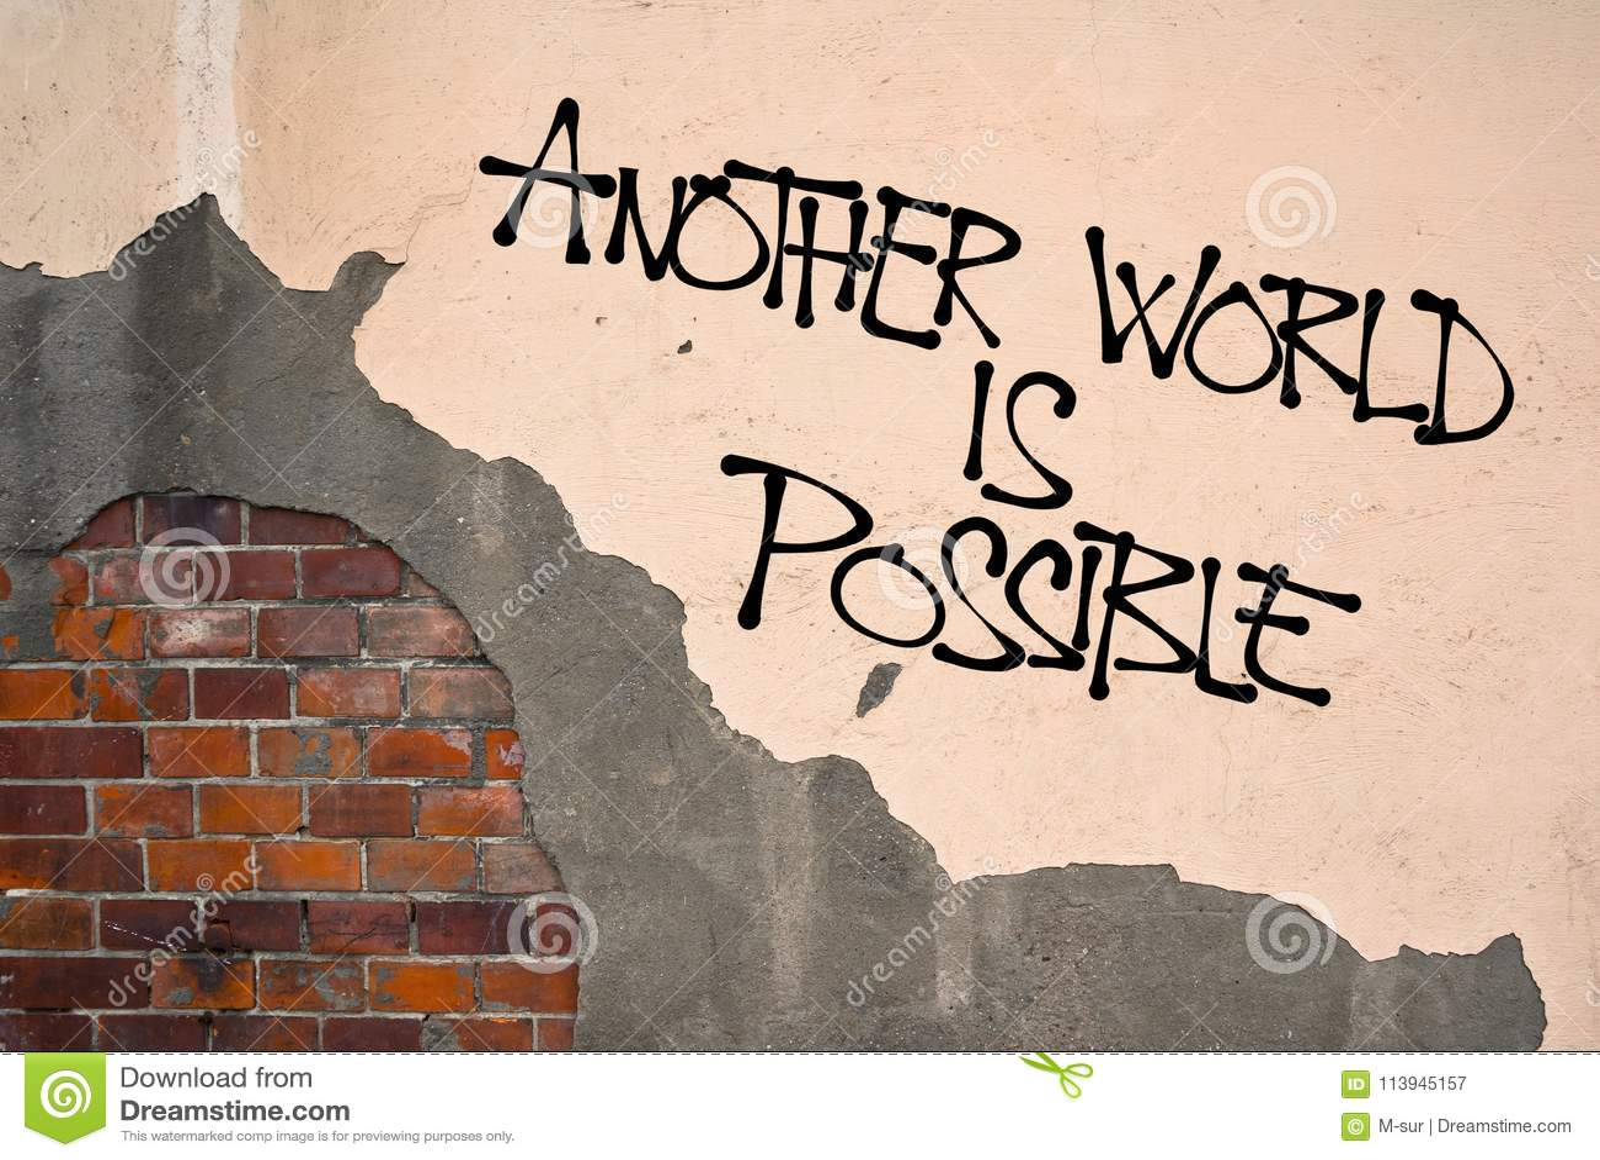 Eine andere Welt ist möglich